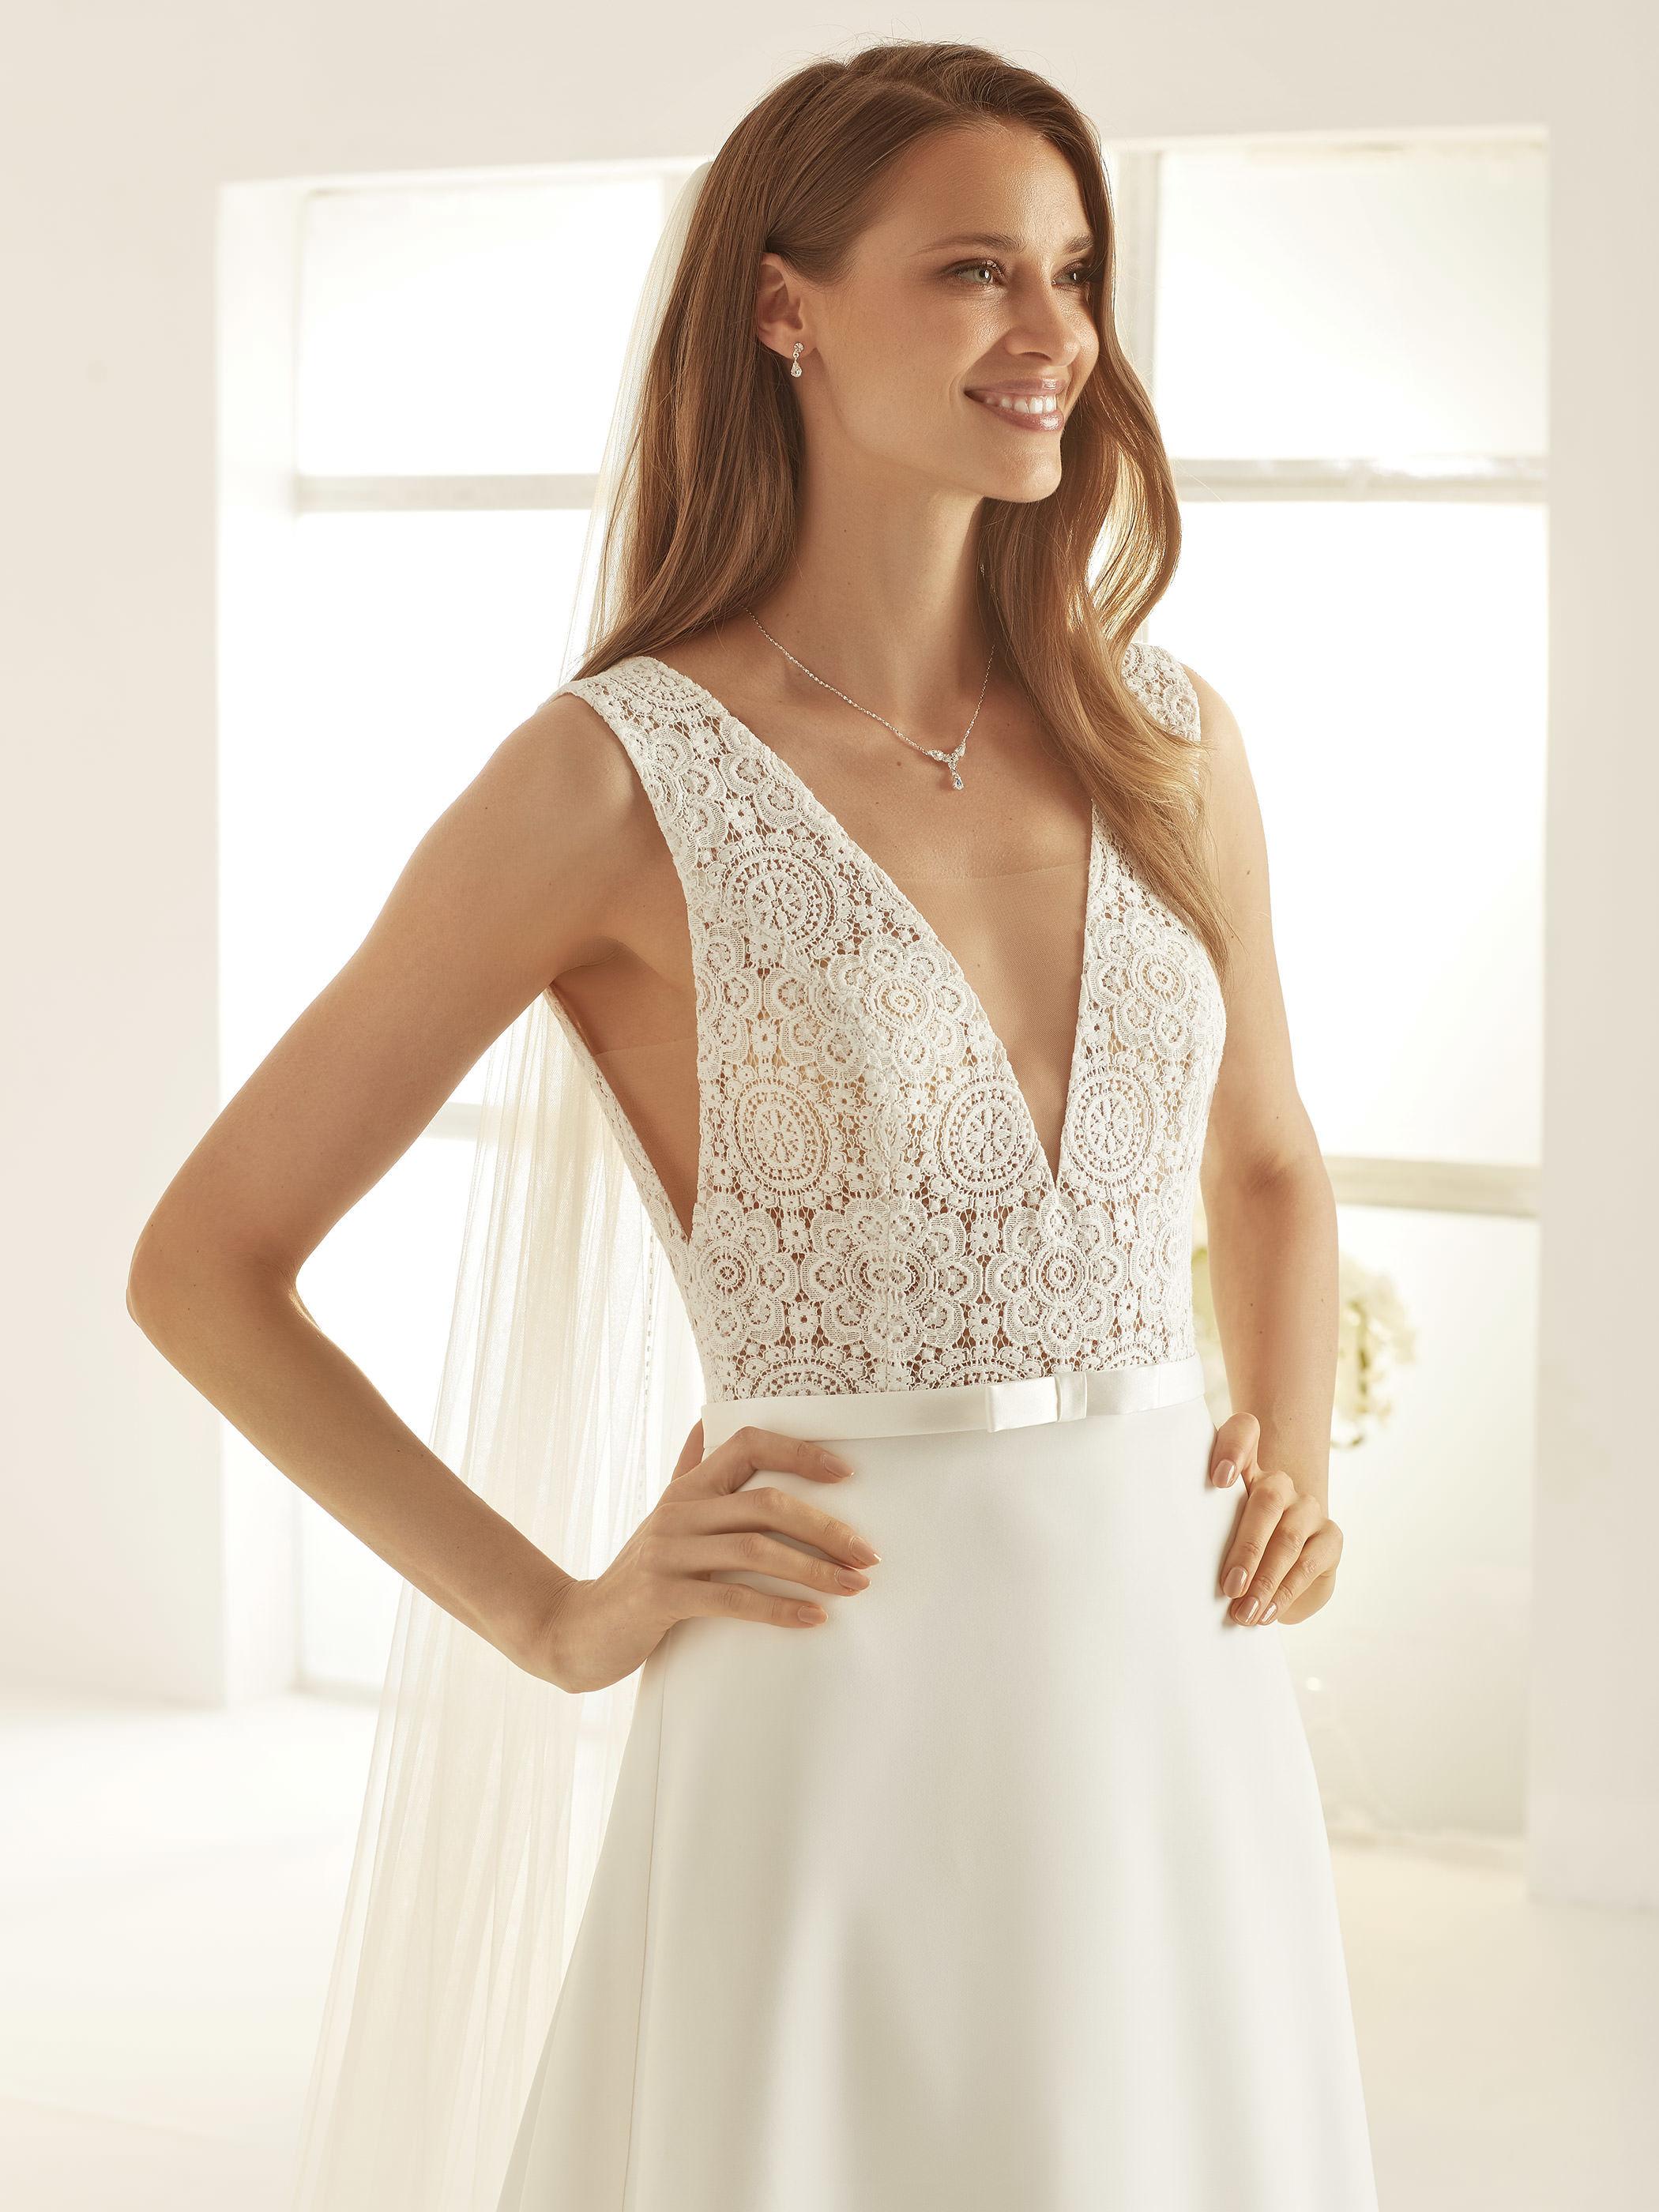 bianco-evento-bridal-dress-dallas-_2_